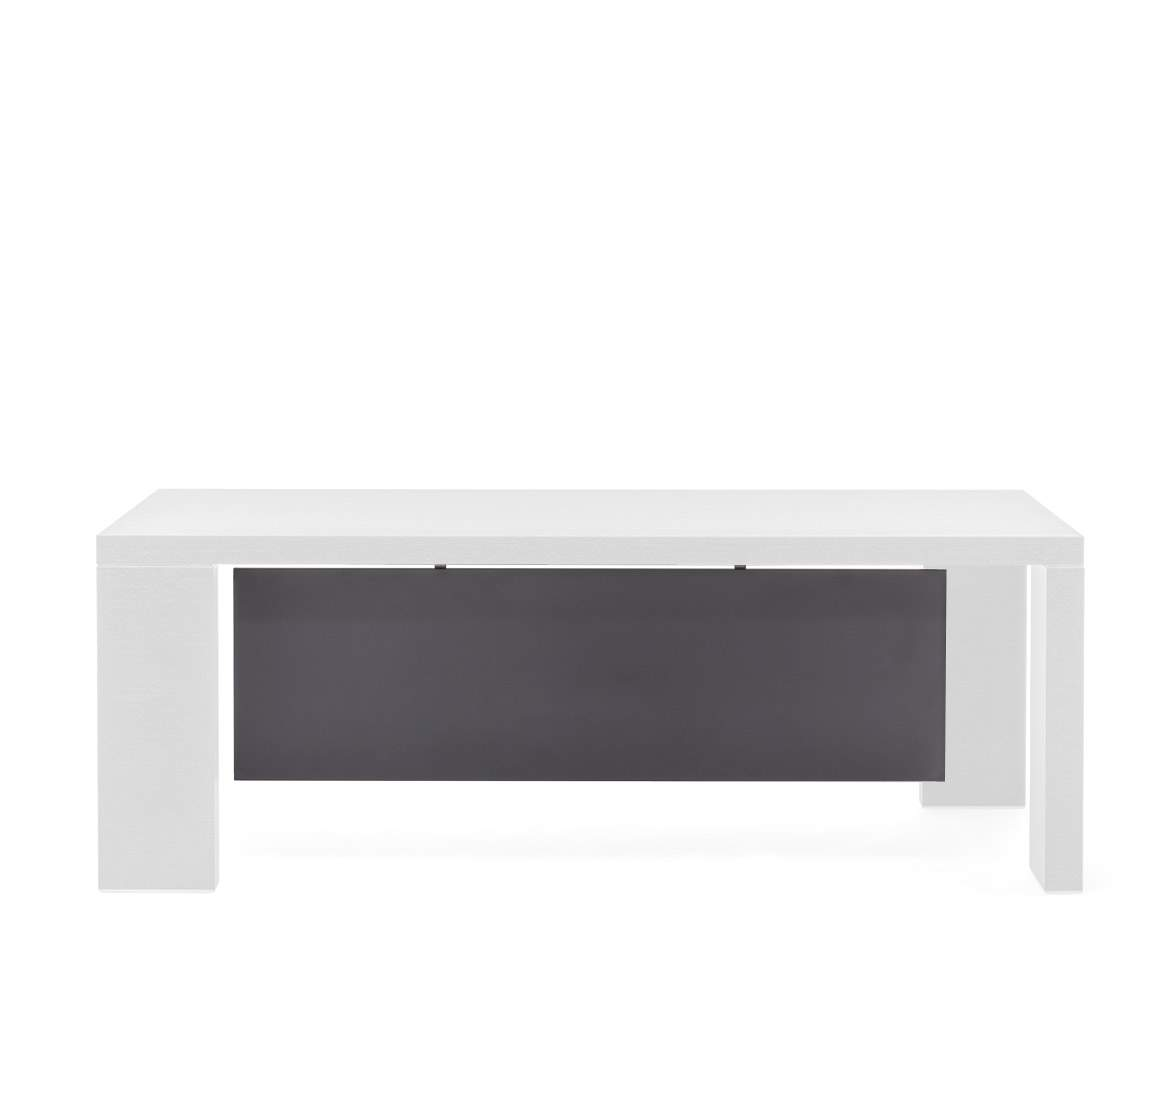 TITANO Передняя панель для стола 1500x450x18